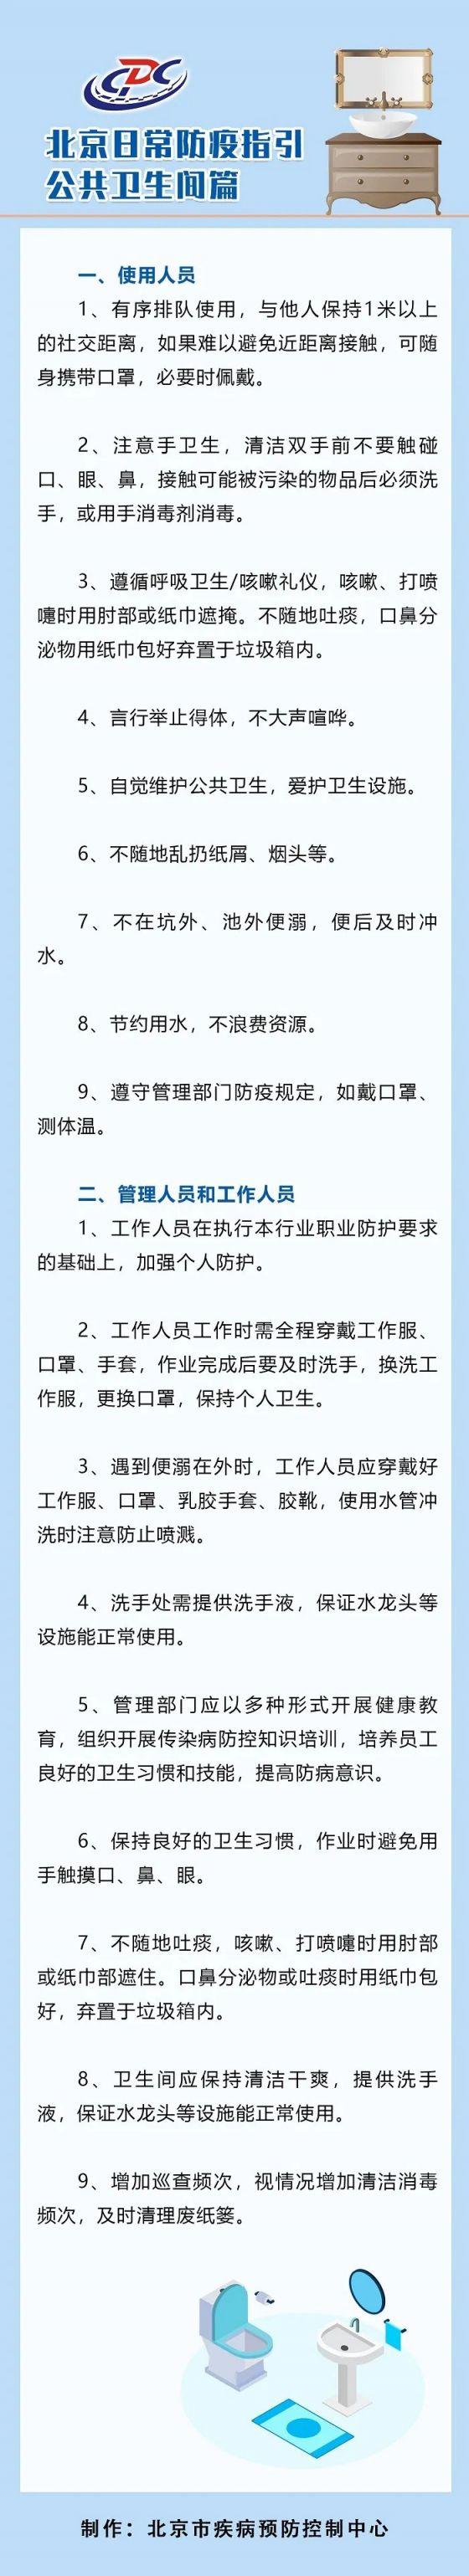 北京日常防疫指引——公共卫生间篇